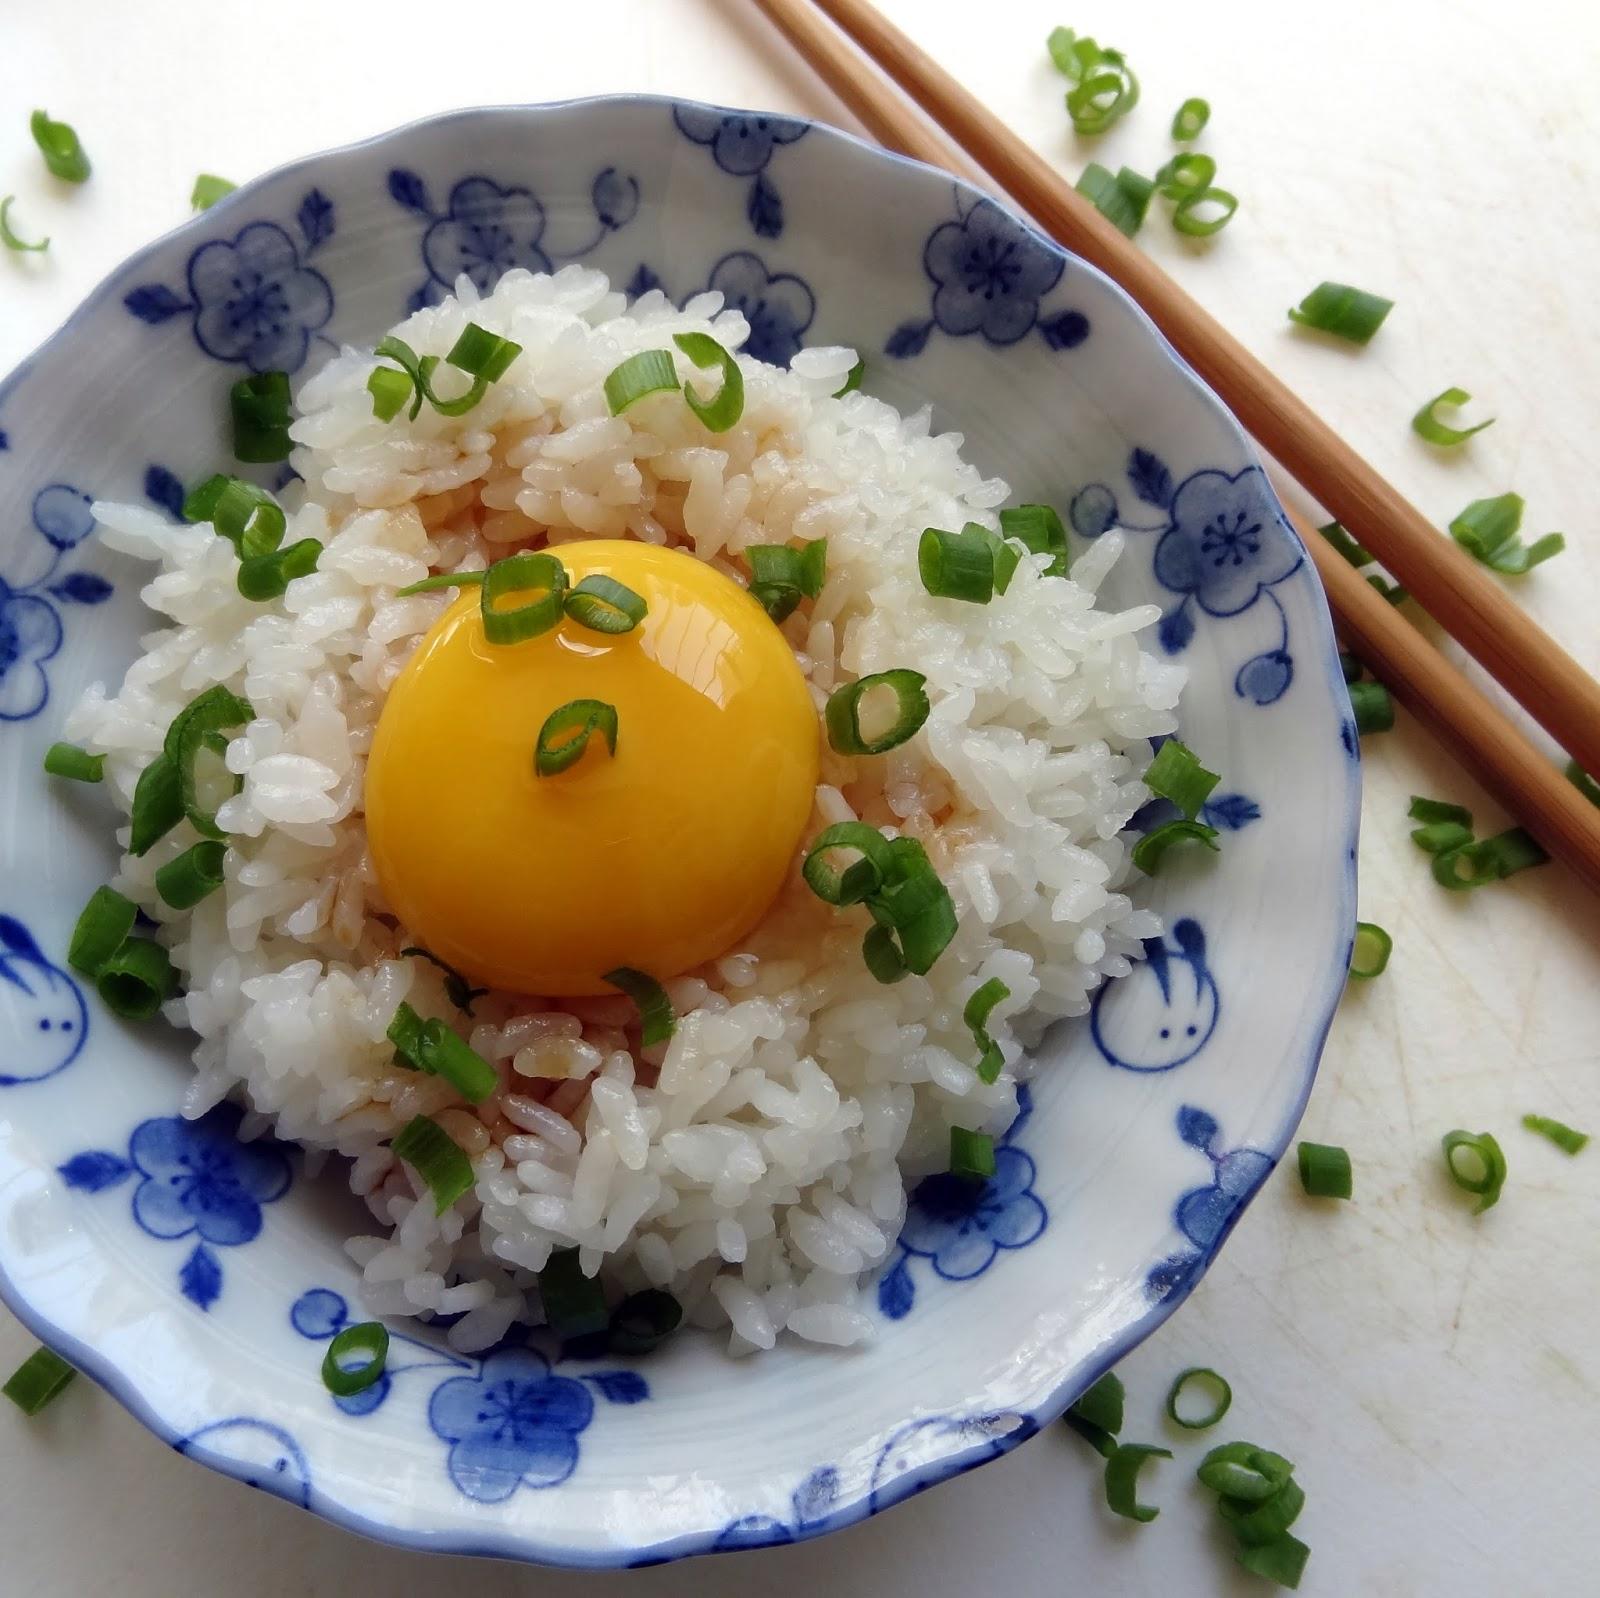 Приготовить суп с фрикадельками и яйцом